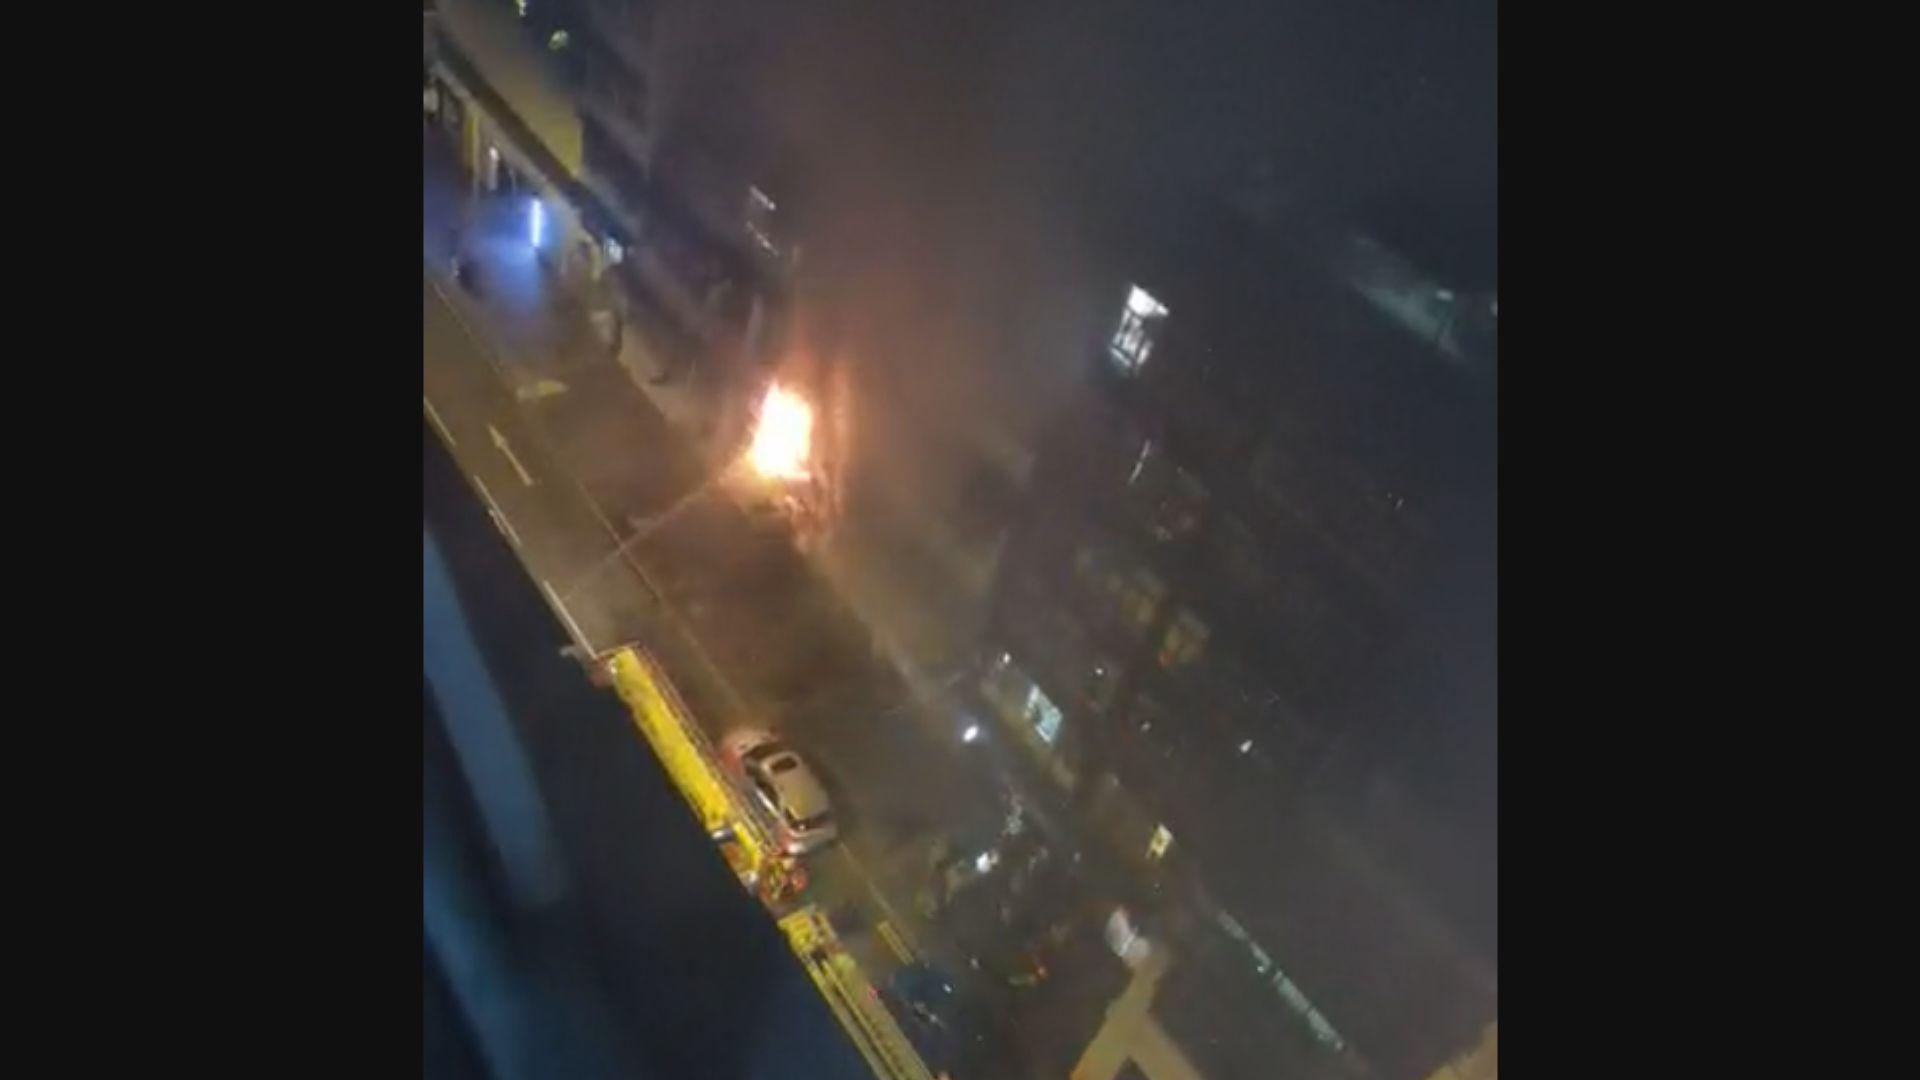 消息指油麻地起火單位為尼泊爾餐廳 當時正辦生日會